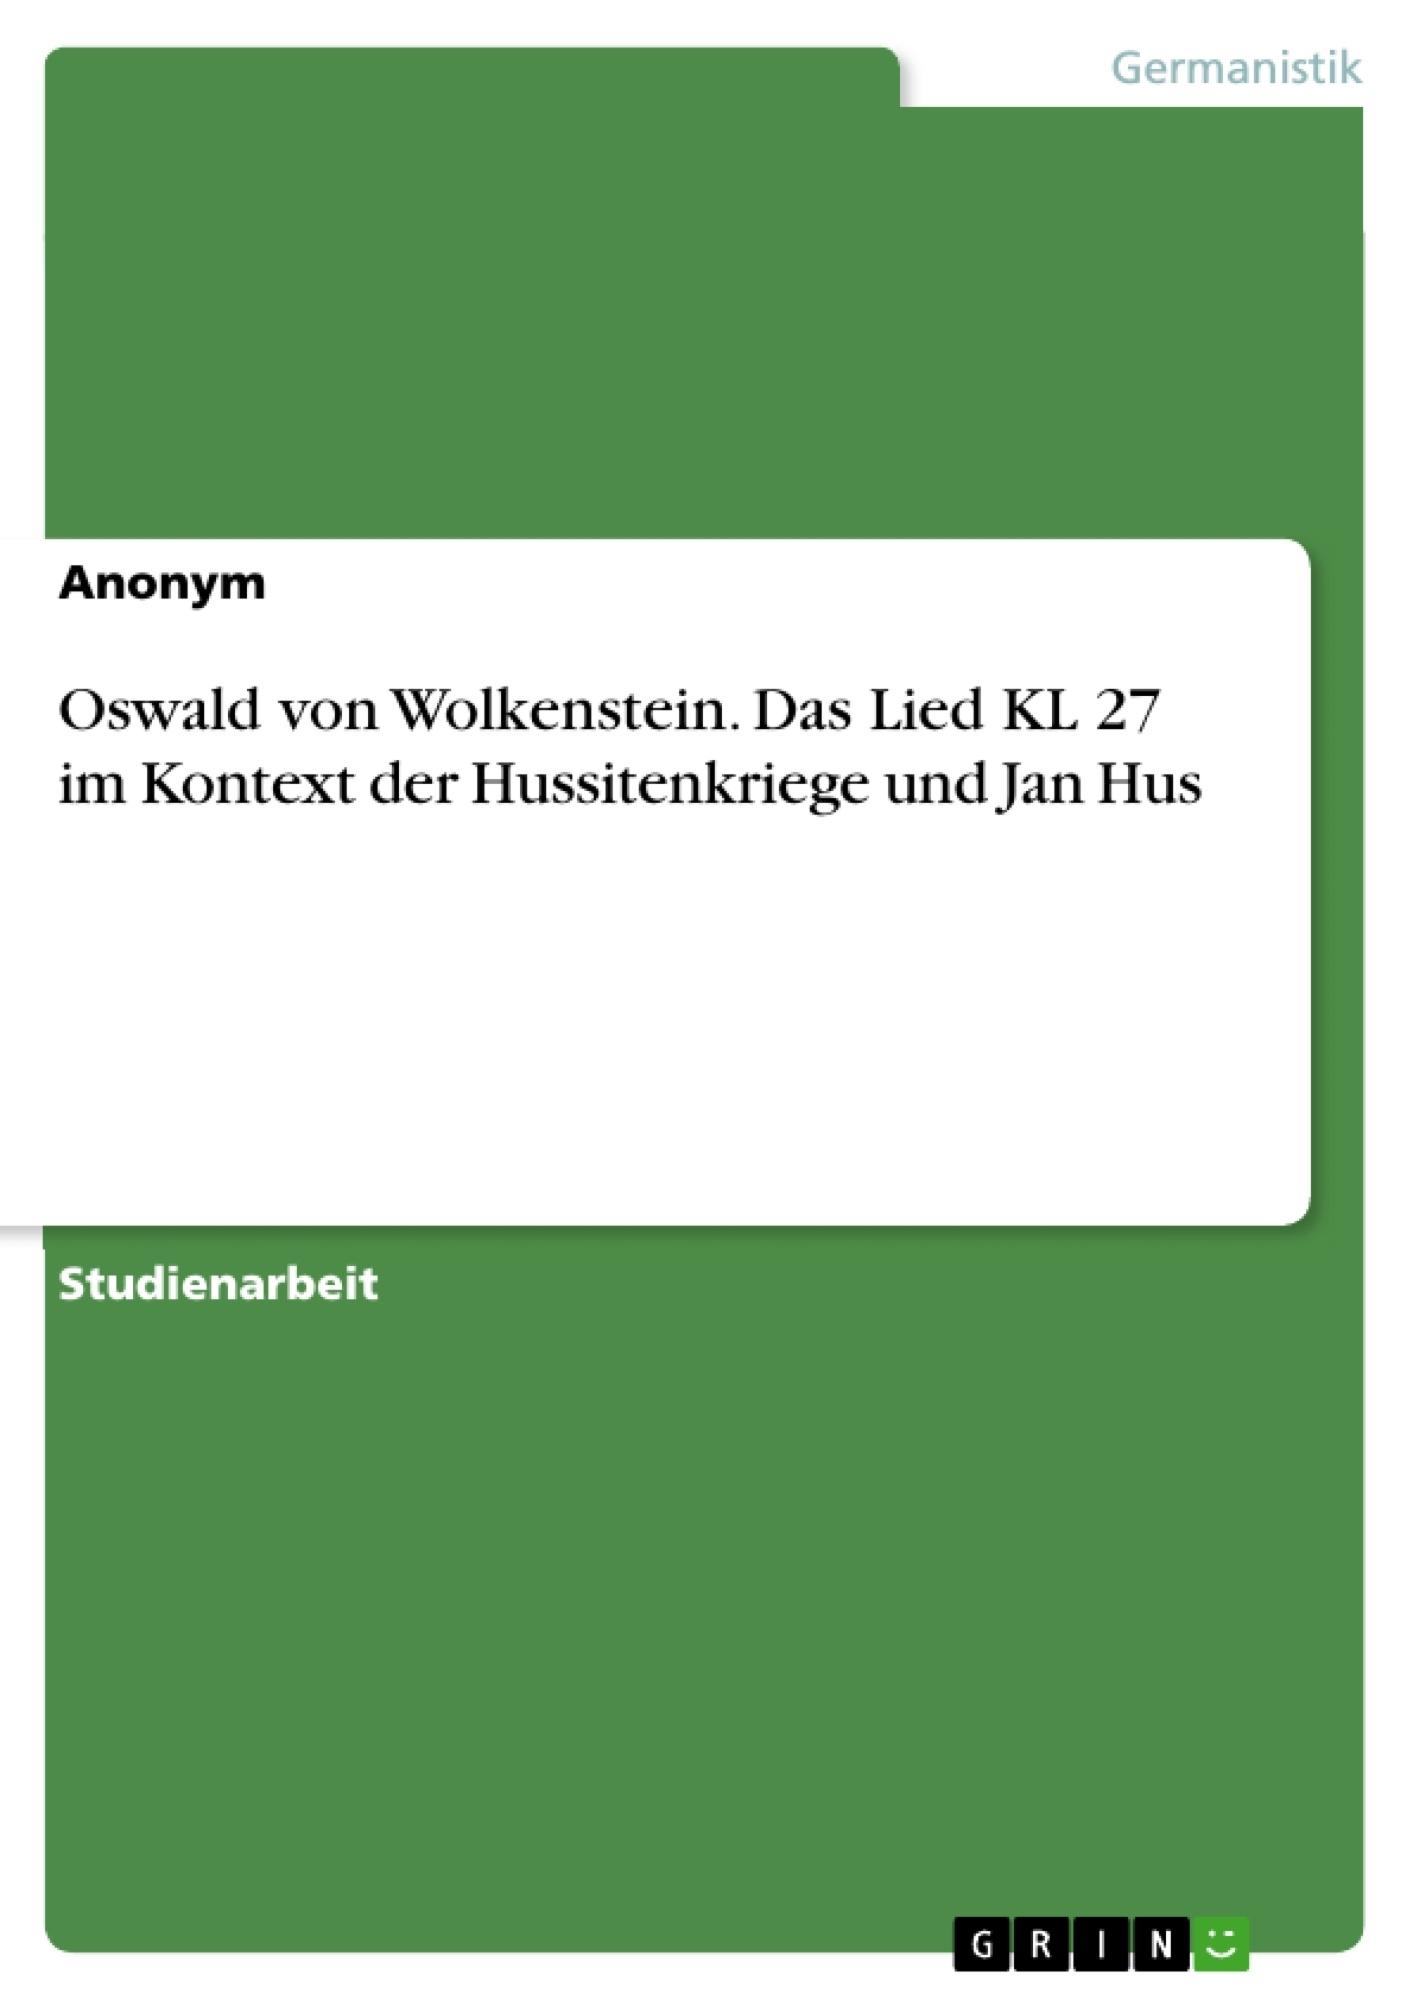 Titel: Oswald von Wolkenstein. Das Lied KL 27 im Kontext der Hussitenkriege und Jan Hus